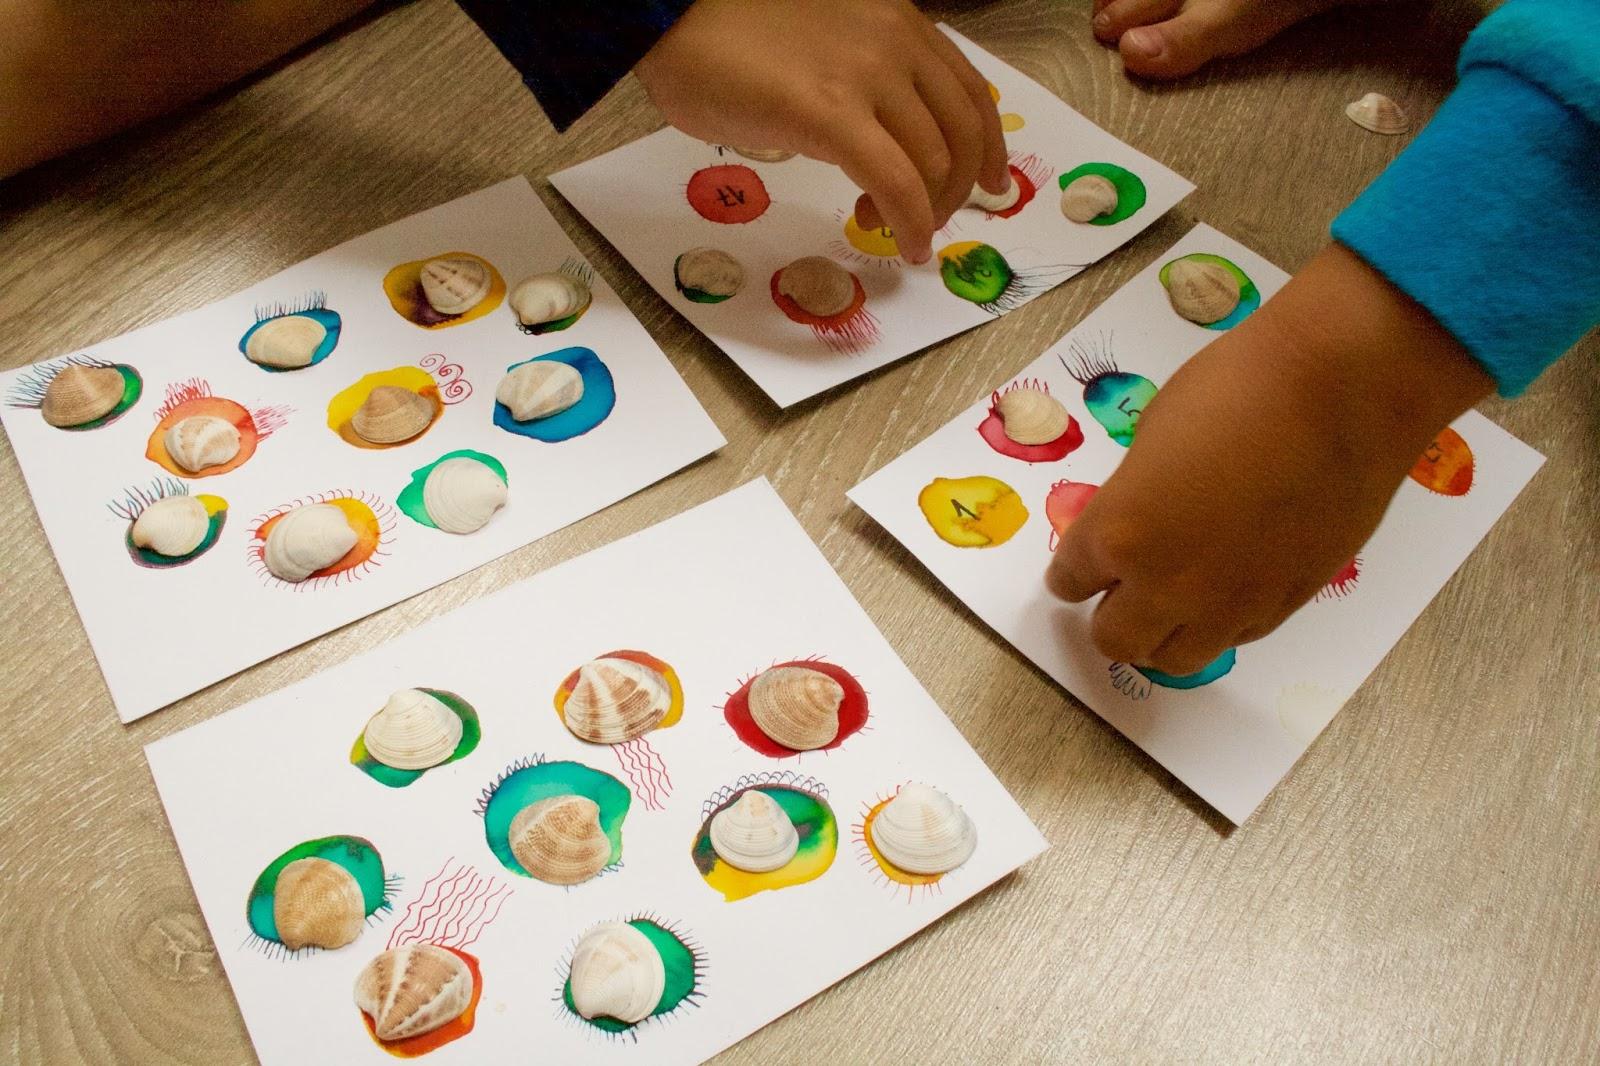 rodinná hra, DIY, malovaná hra, hra pro nejmenší, hra na dovolenou